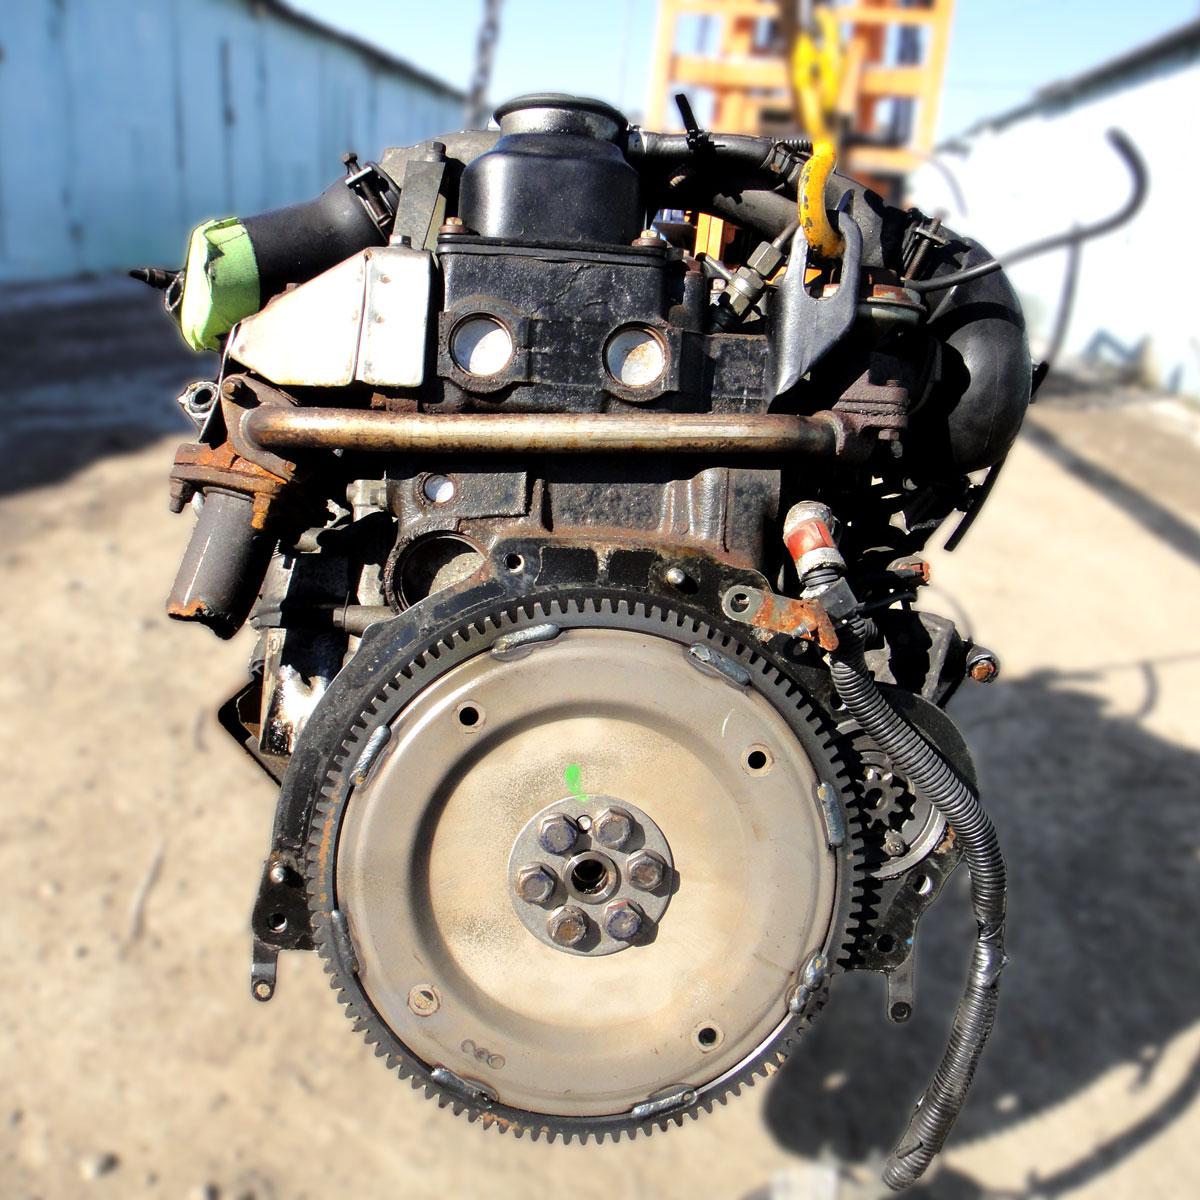 двигатель ниссан тд 27 технические характеристики